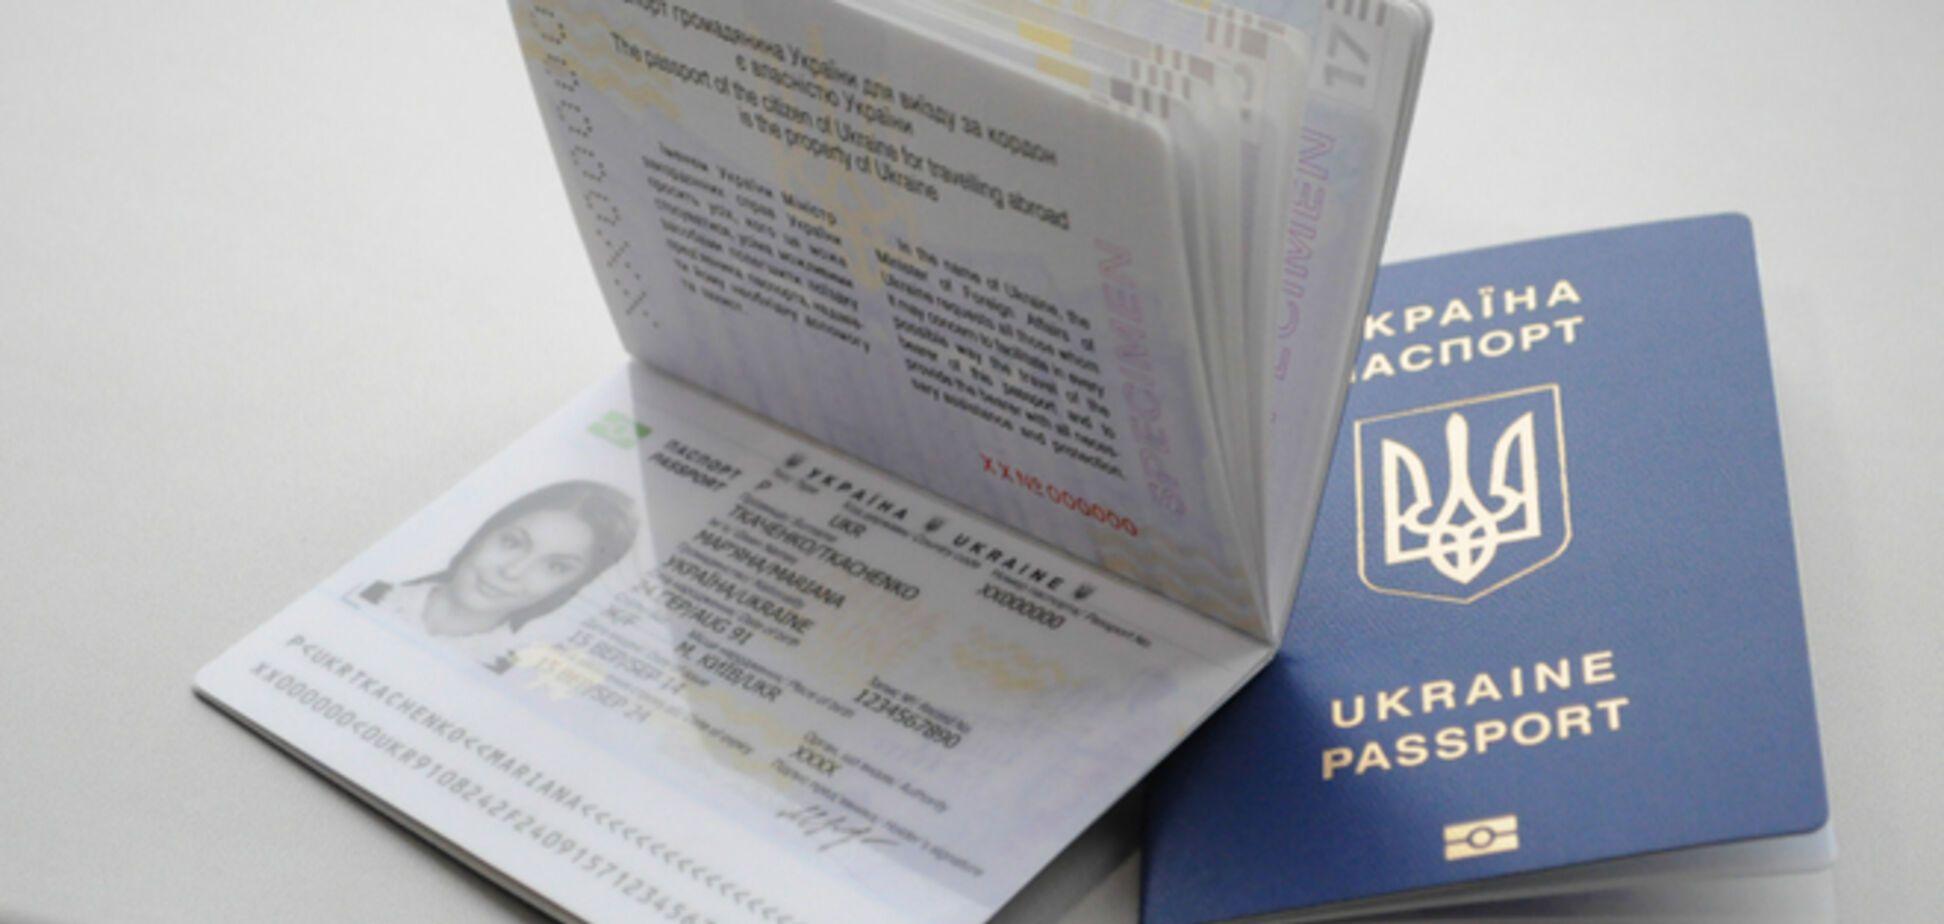 В Украине стартовал прием документов для оформления биометрических паспортов. Адреса центров